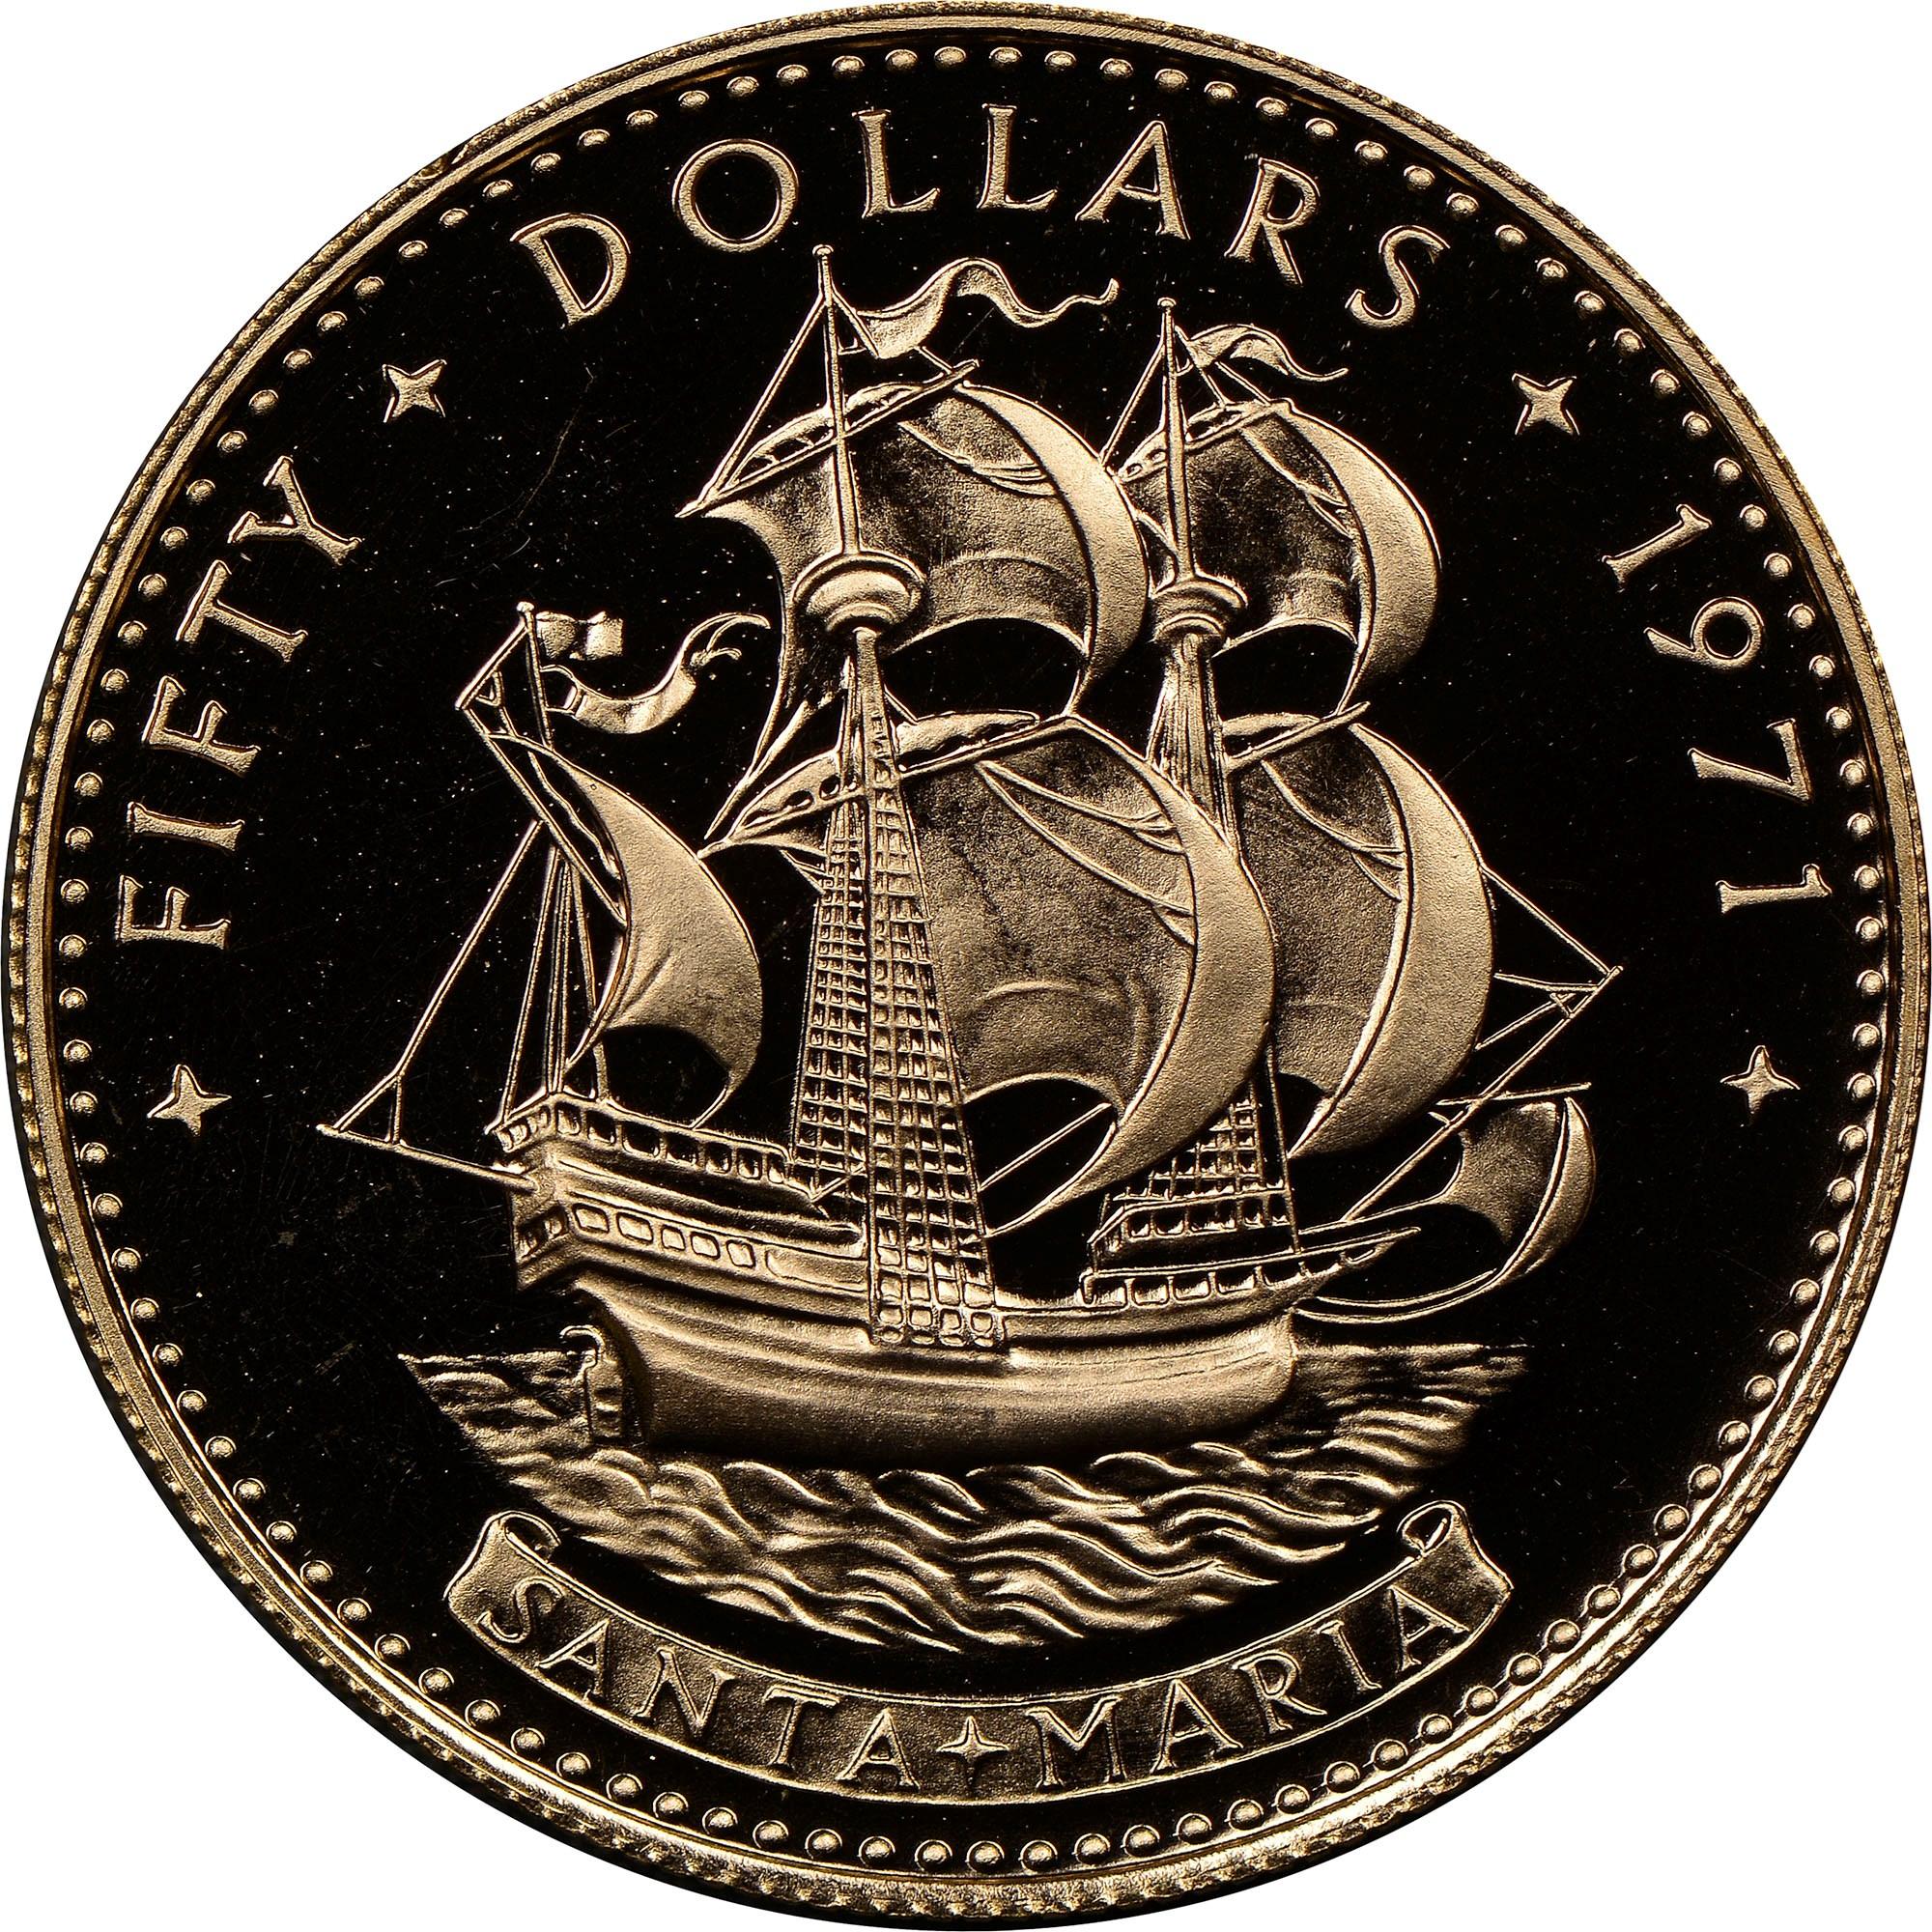 Bahamas 50 Dollars reverse